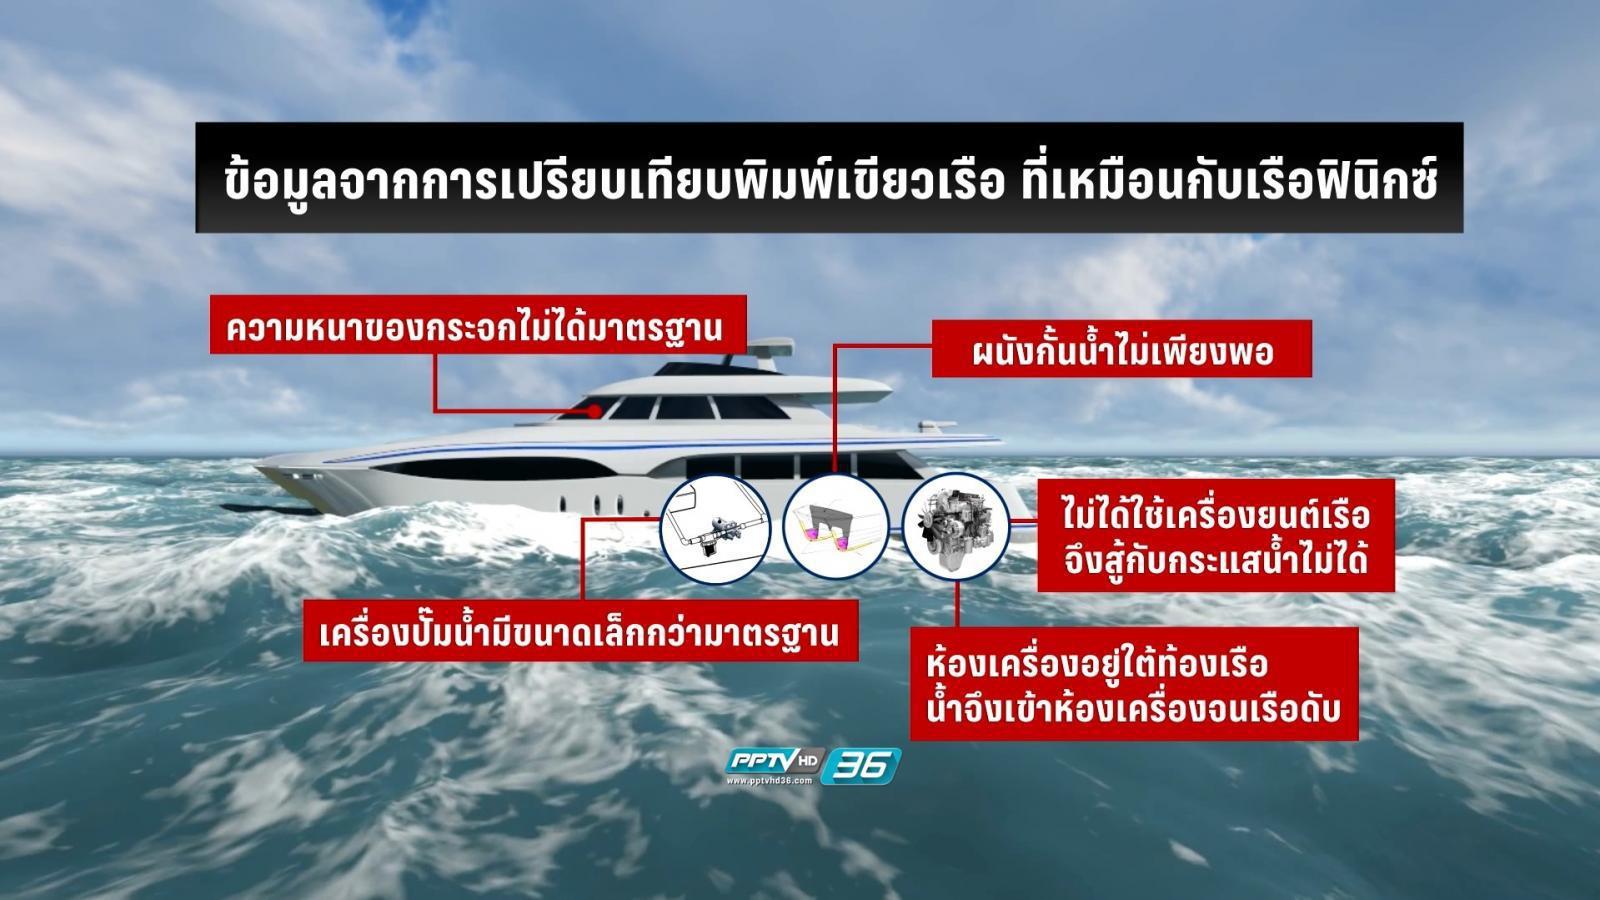 """ตร.พบ """"เรือฟินิกซ์"""" ใช้เครื่องยนต์รถสิบล้อ-ศูนย์ถ่วงเรือไม่สมดุล"""